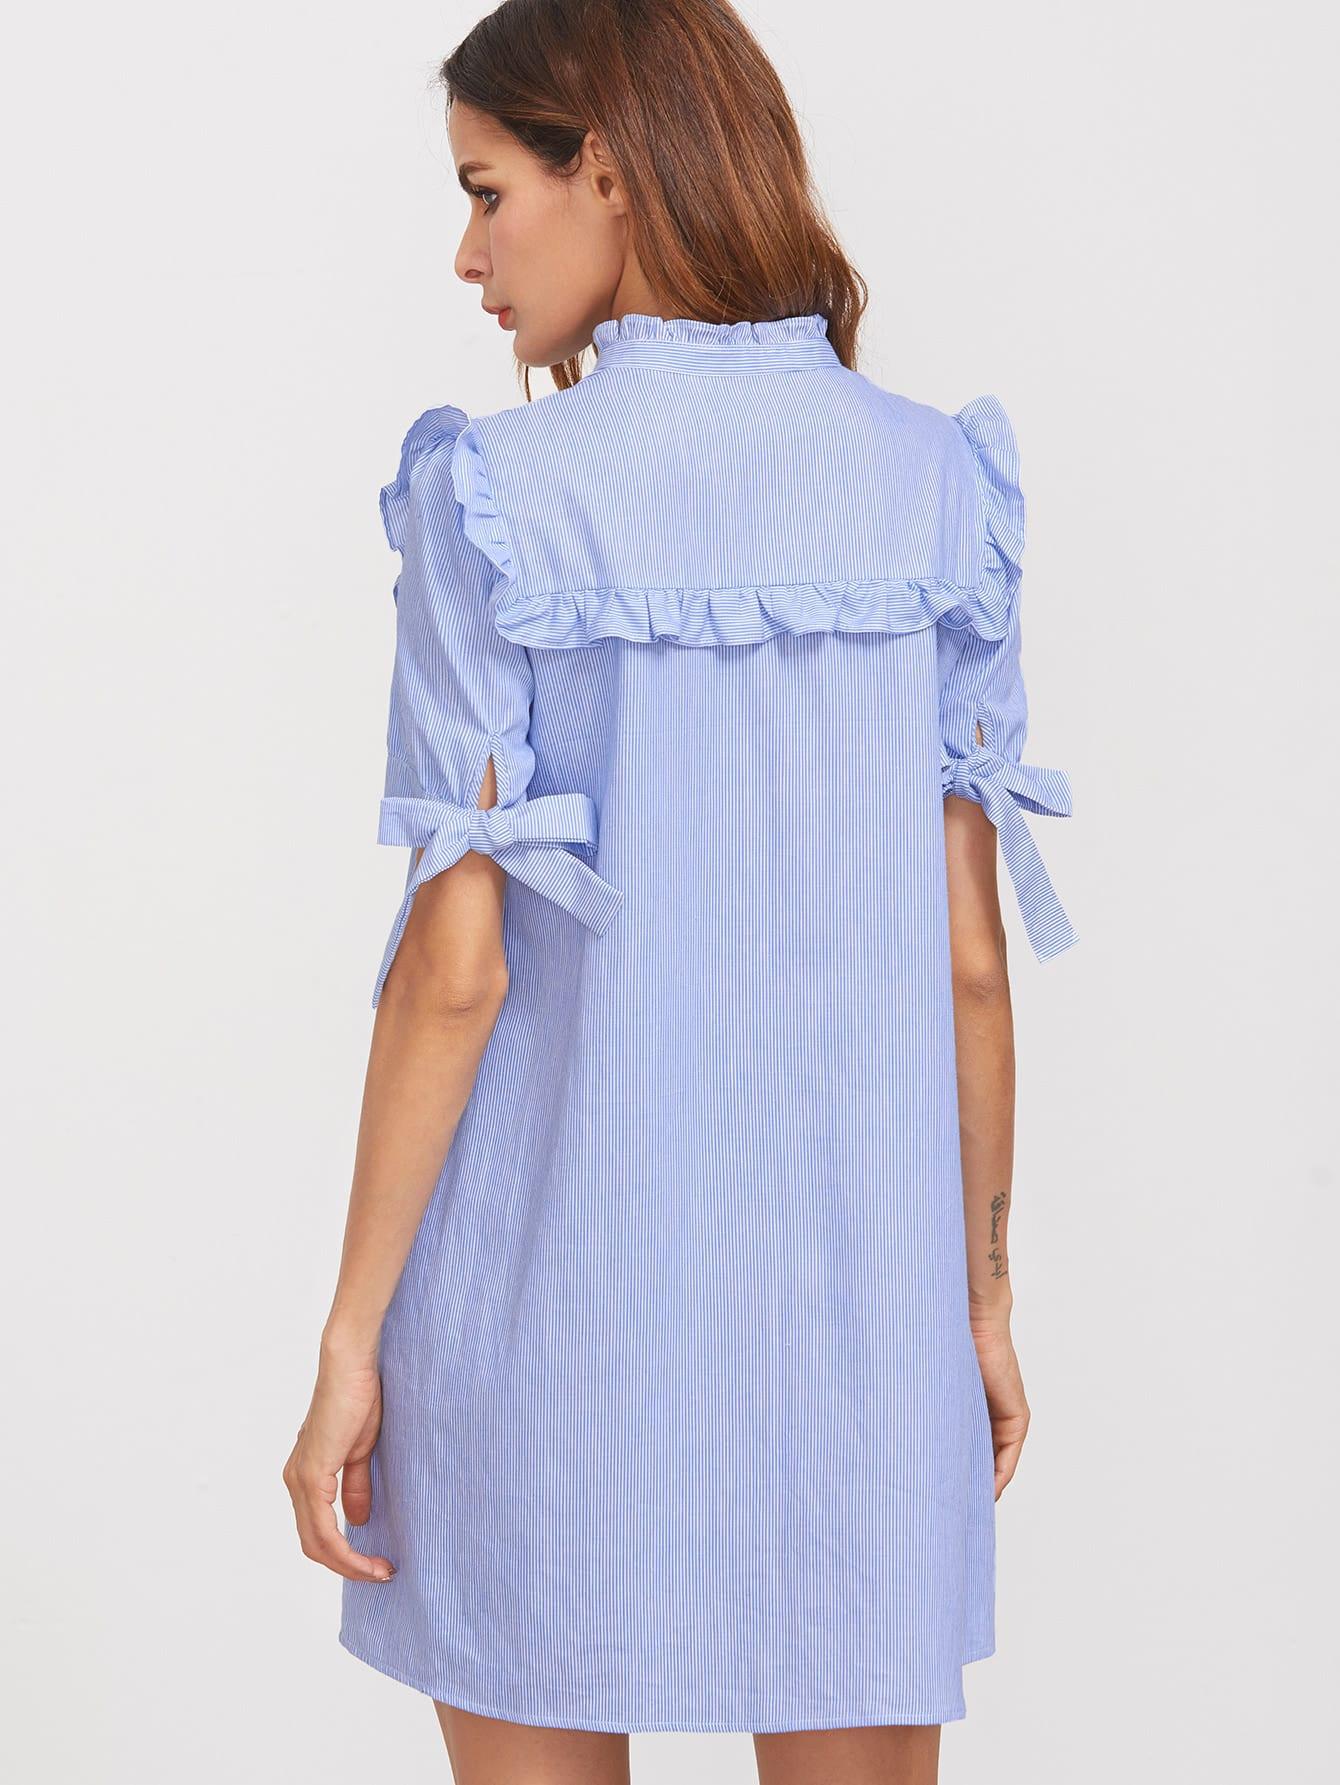 dress161229707_2